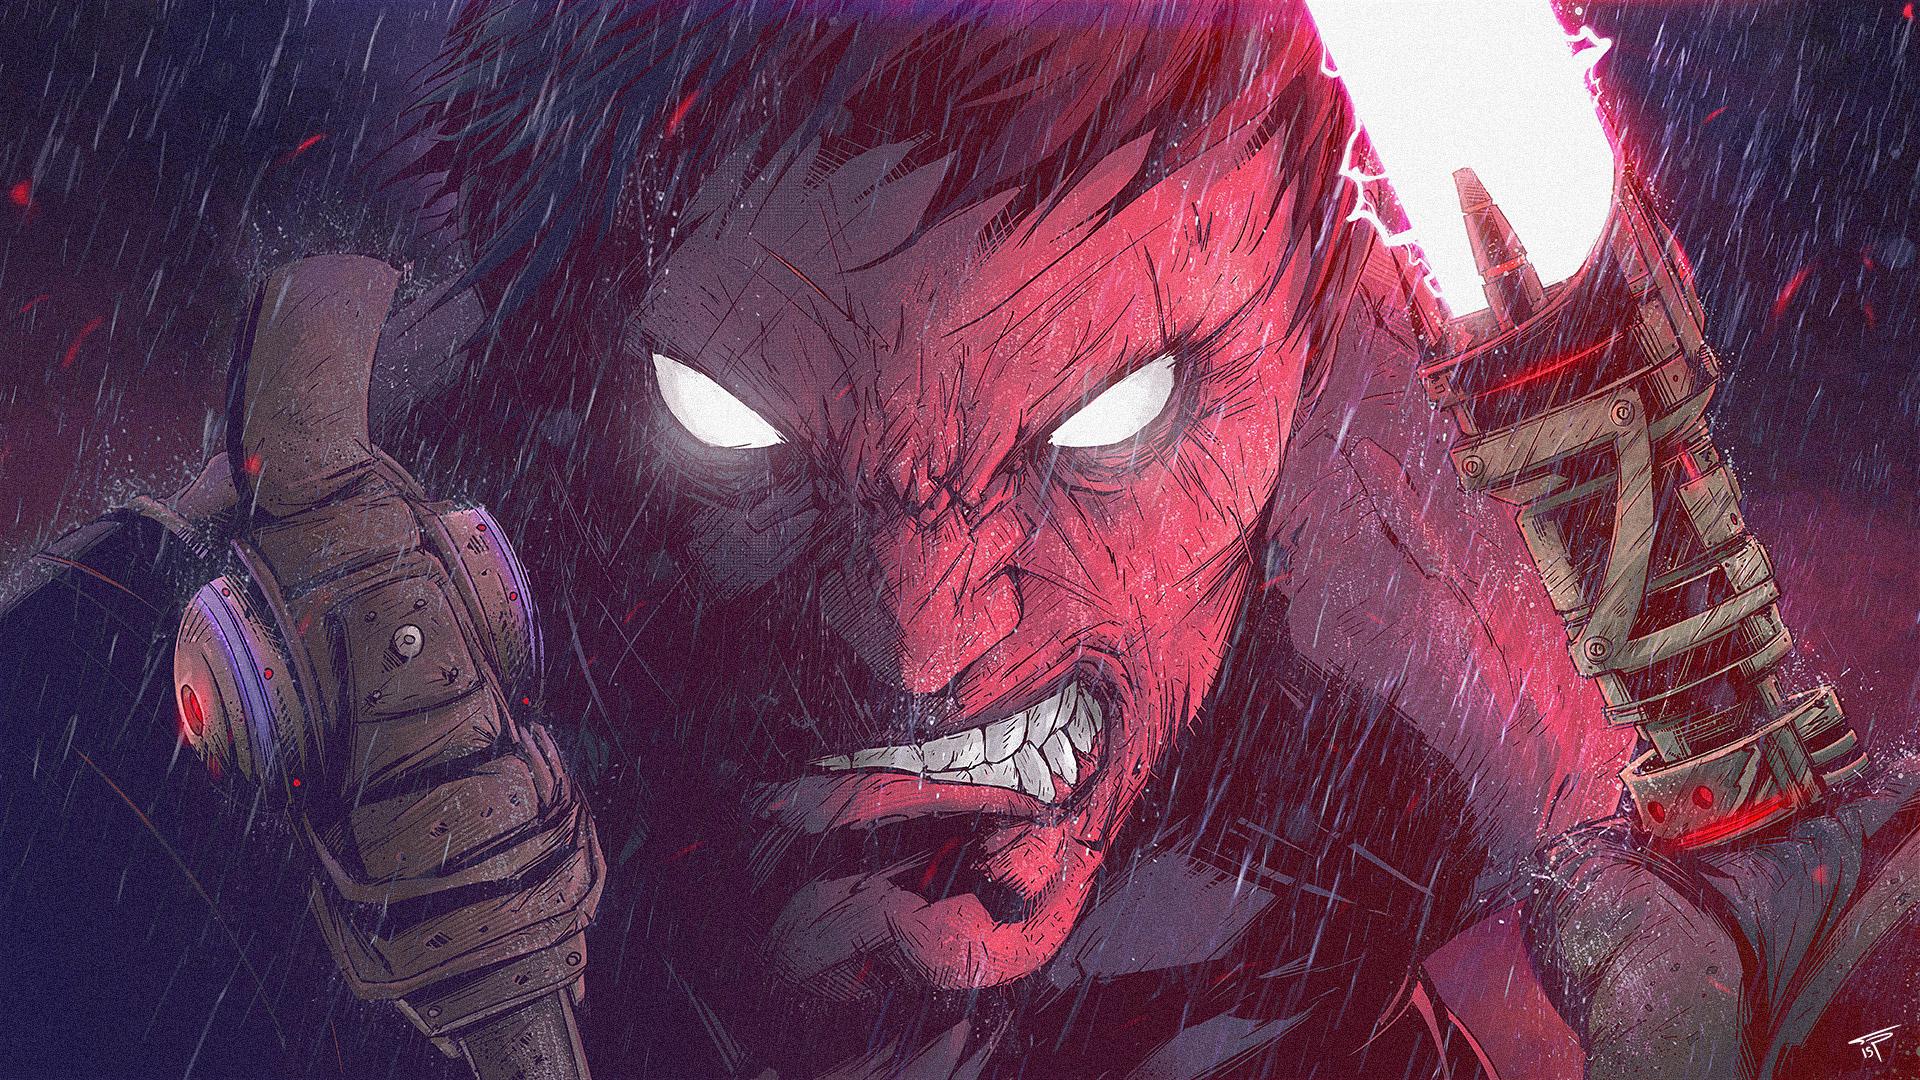 The Badass Comic Book Art of Tonton Revolver!